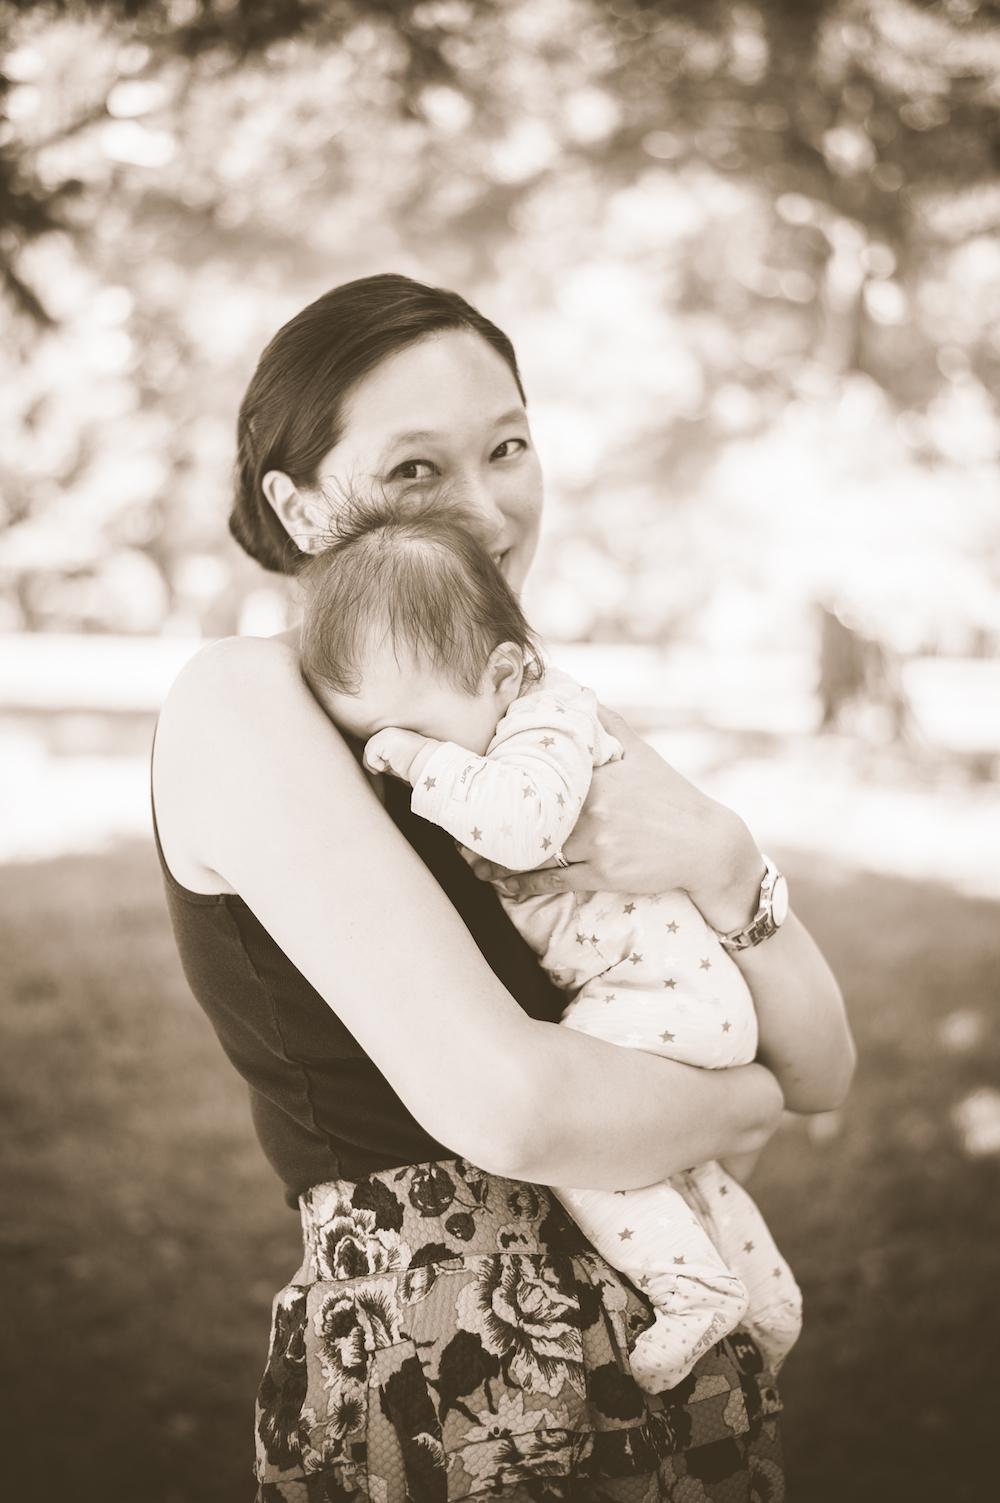 ck-Colorado-Family-Photography-0017.jpg